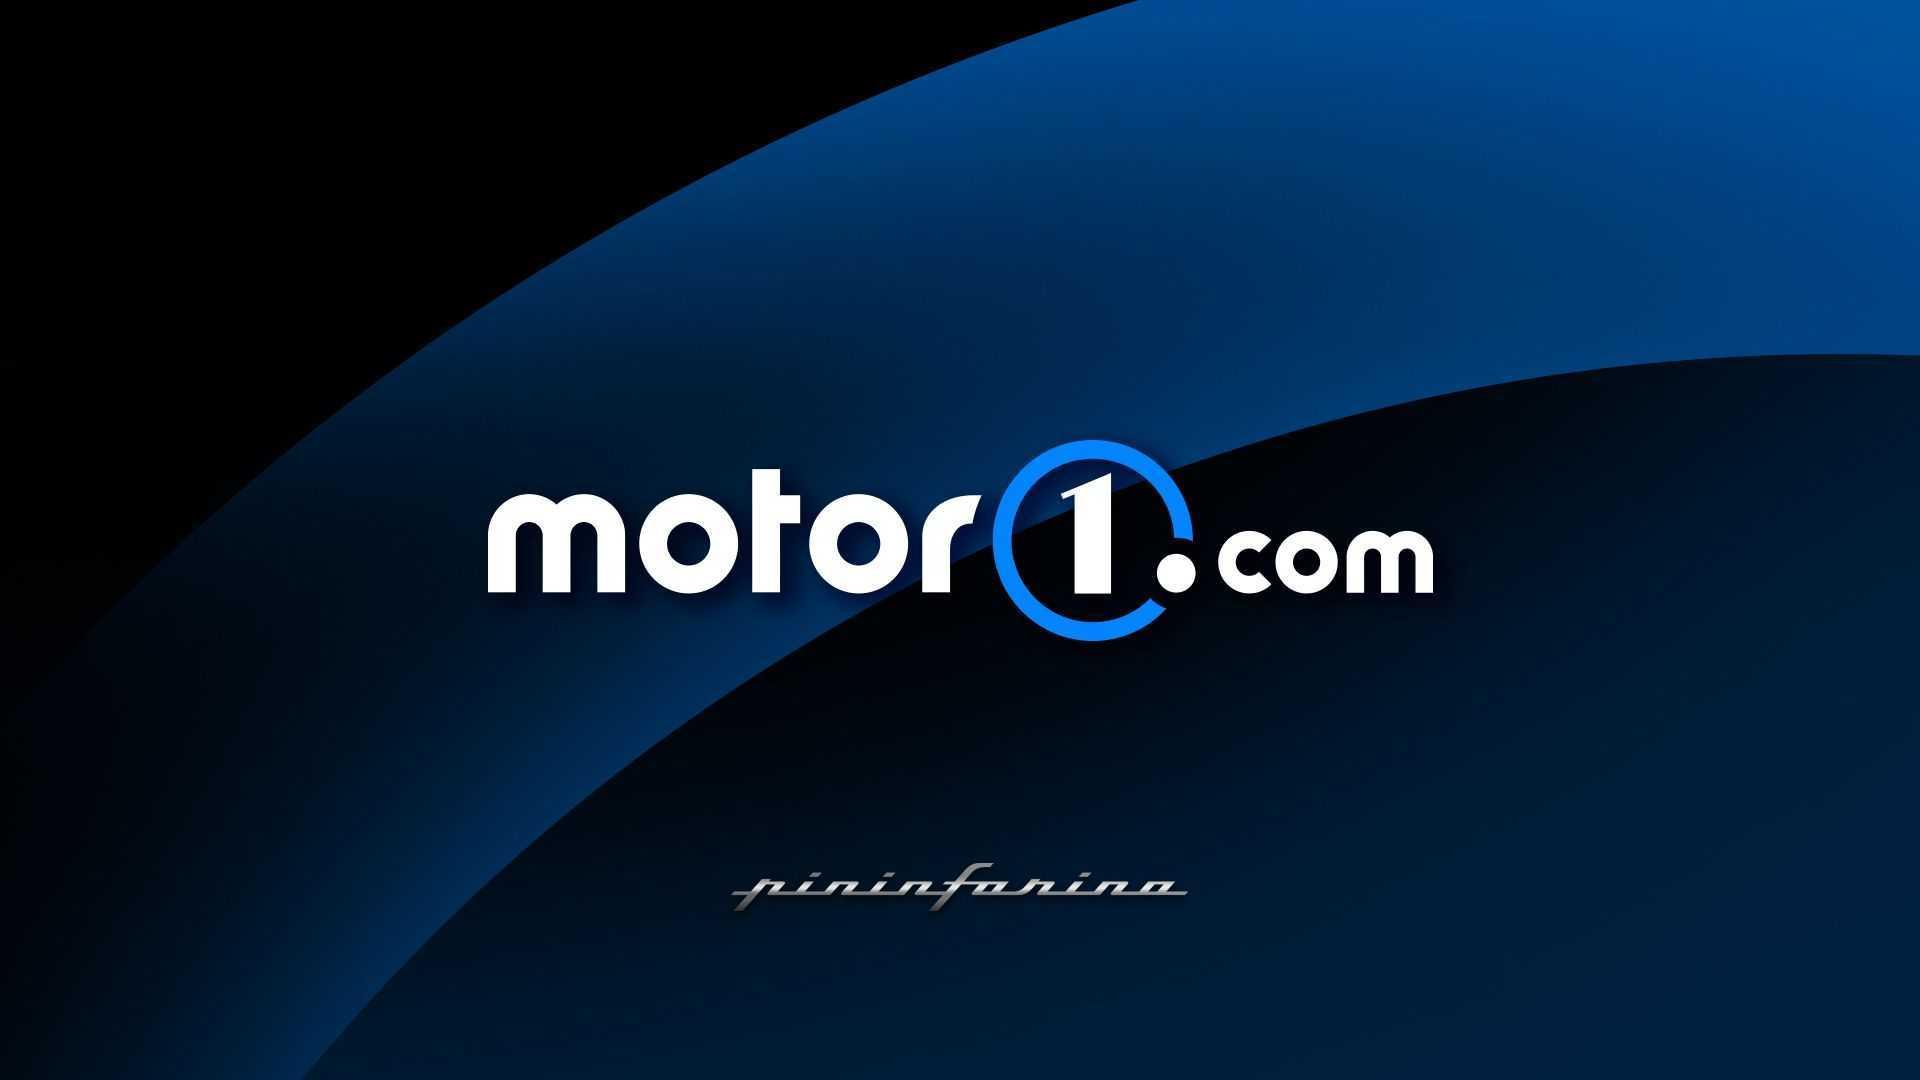 Motor1.com Daily Roundup: November 6, 2020